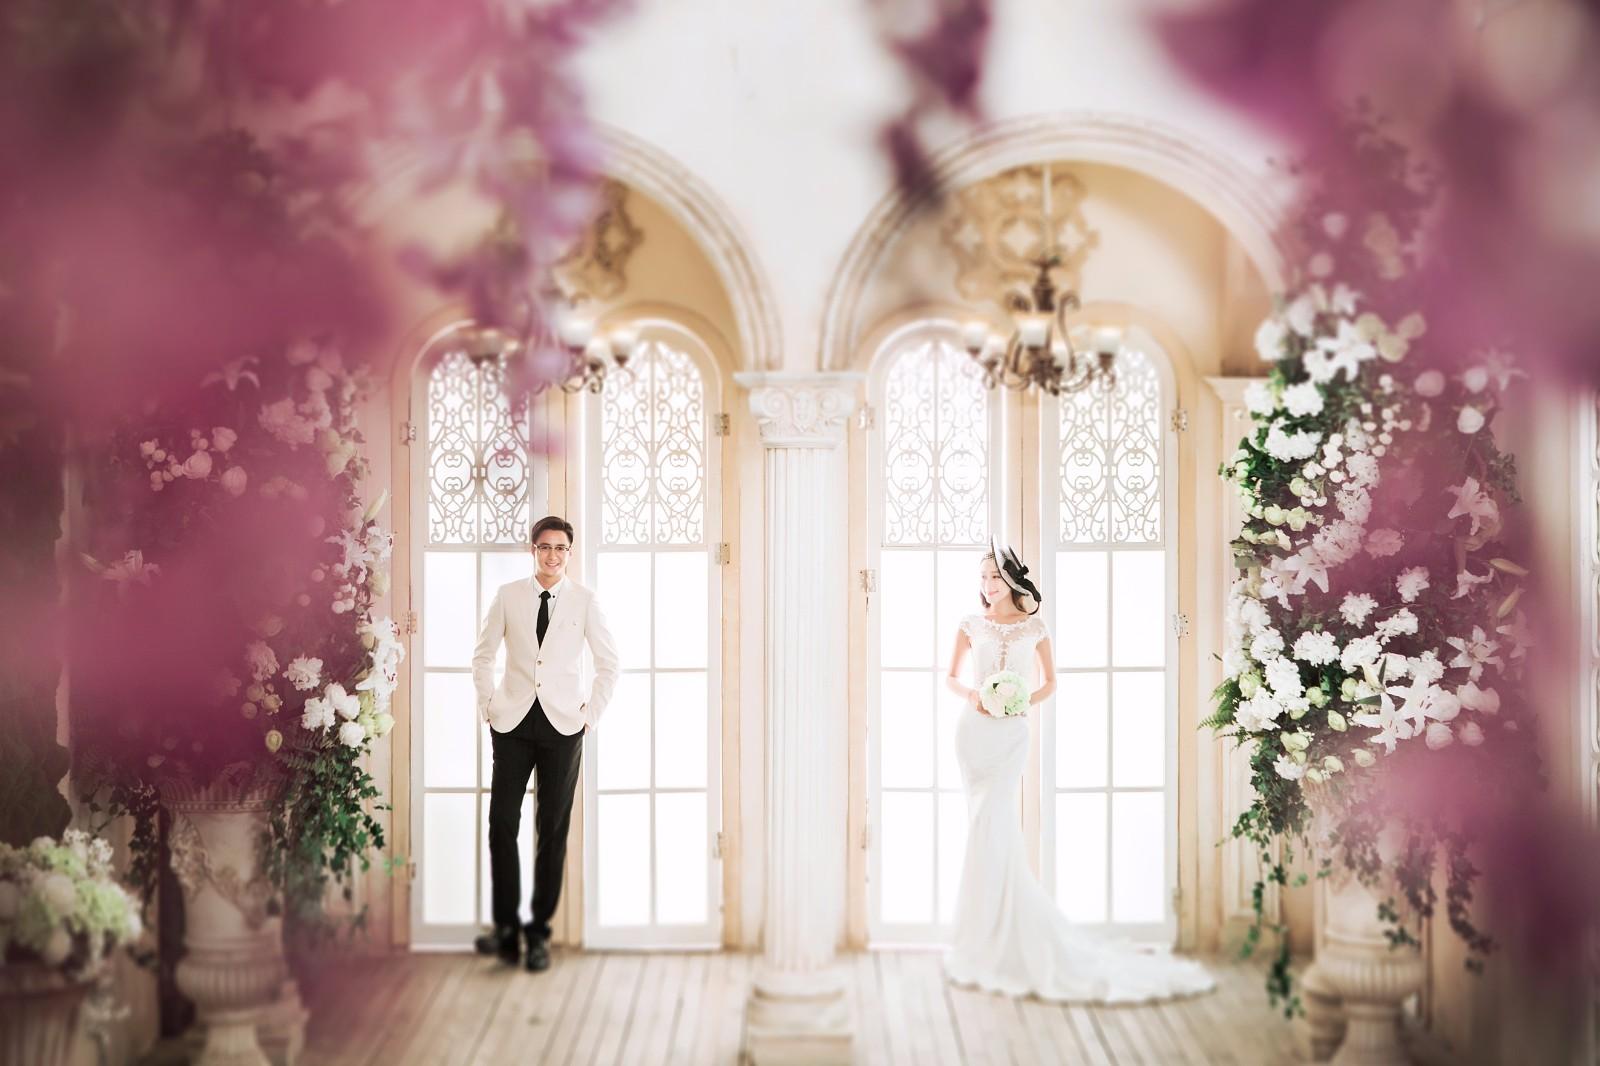 拍婚纱照需要准备什么?男方和女方是不同的。